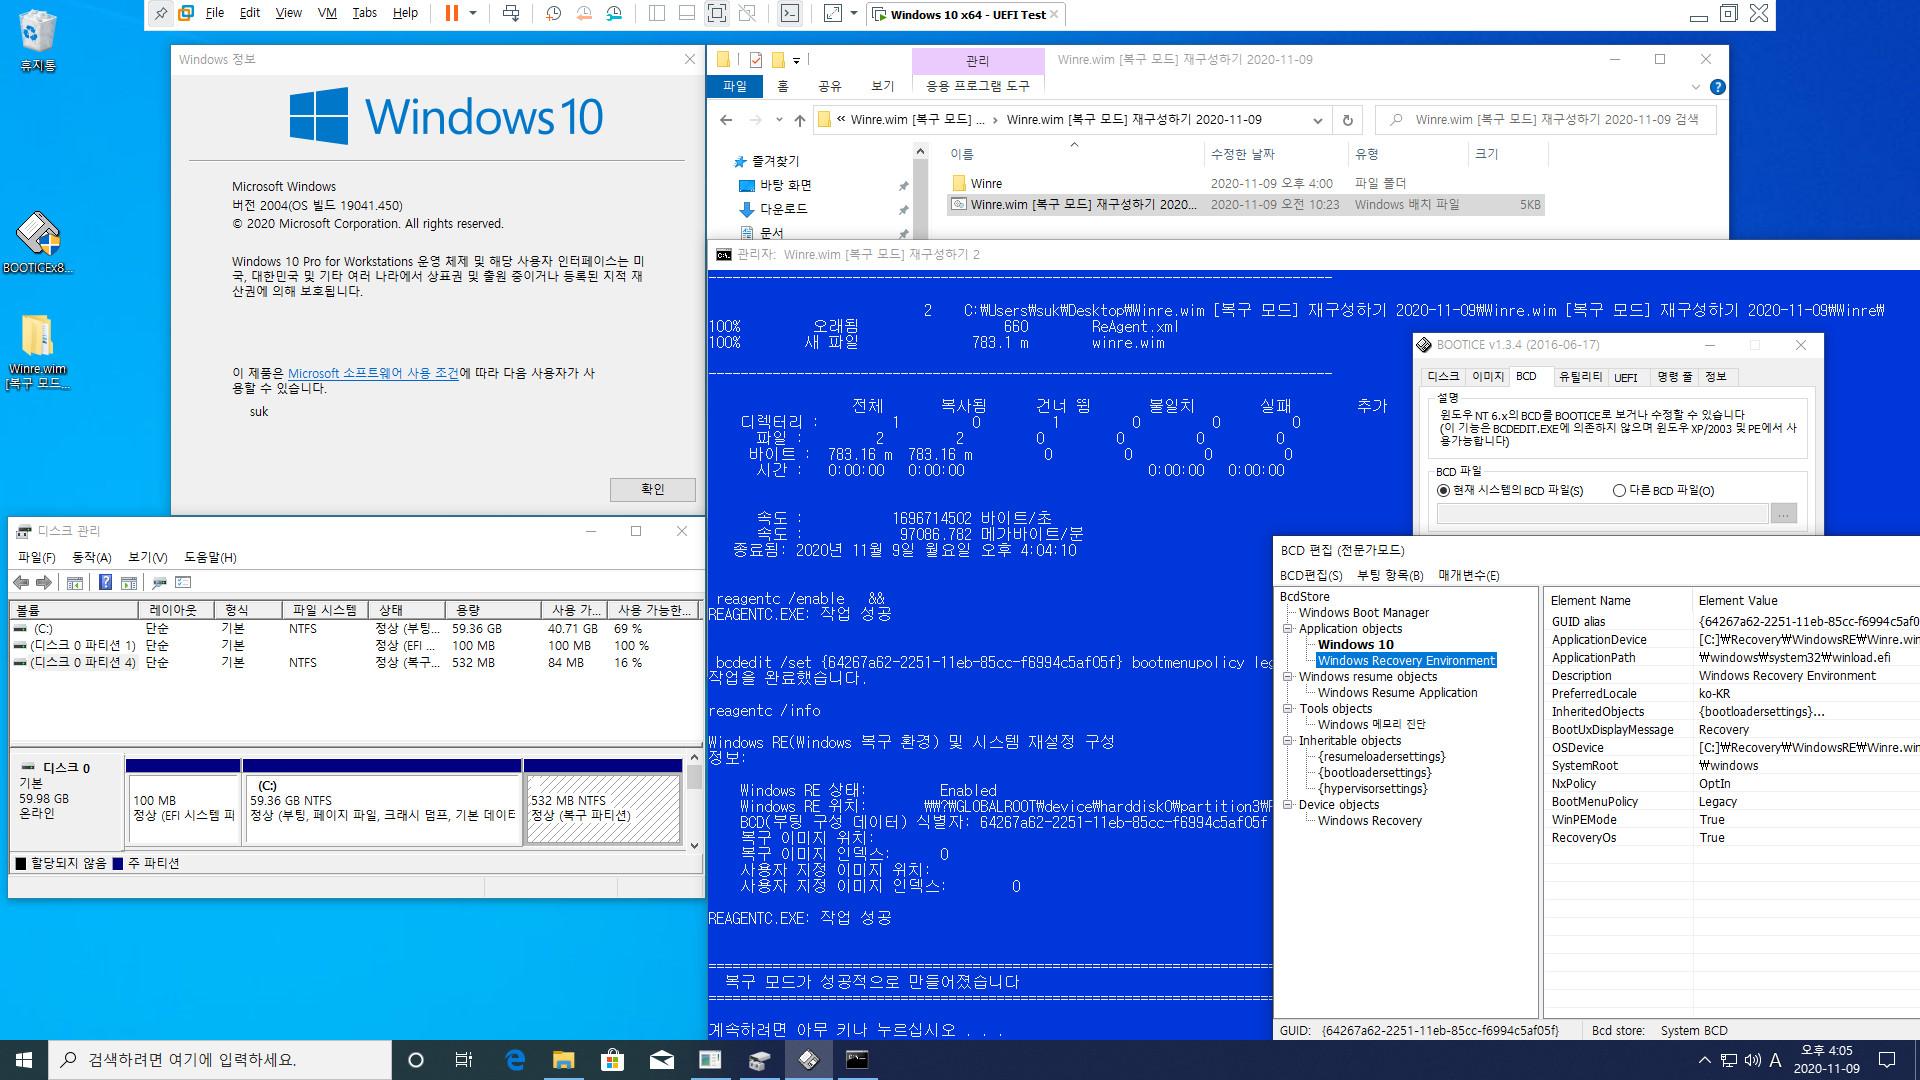 Winre.wim [복구 모드] 재구성하기 2020-11-09.bat 테스트 - PE를 winre.wim으로 사용하기 - 버전 2004 정식 UEFI 모드로 윈도우 설치해도 C드라이브에 winre.wim 복구모드가 만들어집니다 2020-11-09_160547.jpg